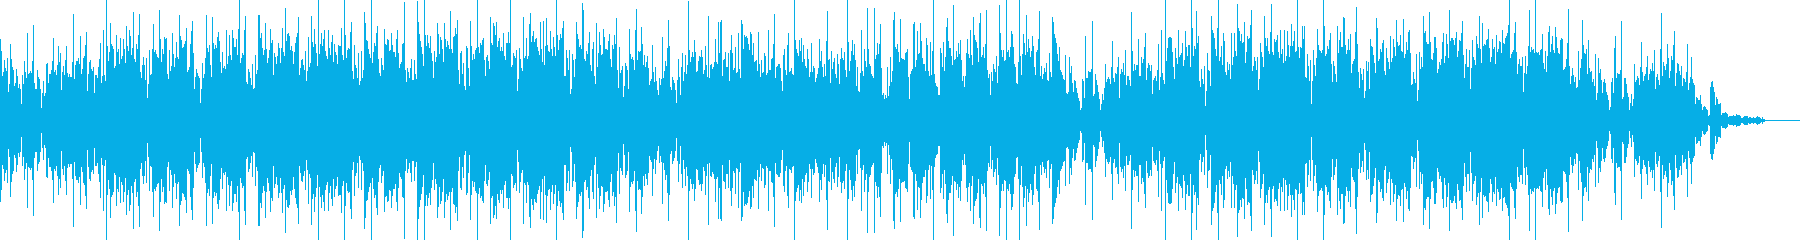 おしゃれでゆったり・癒しローファイの再生済みの波形